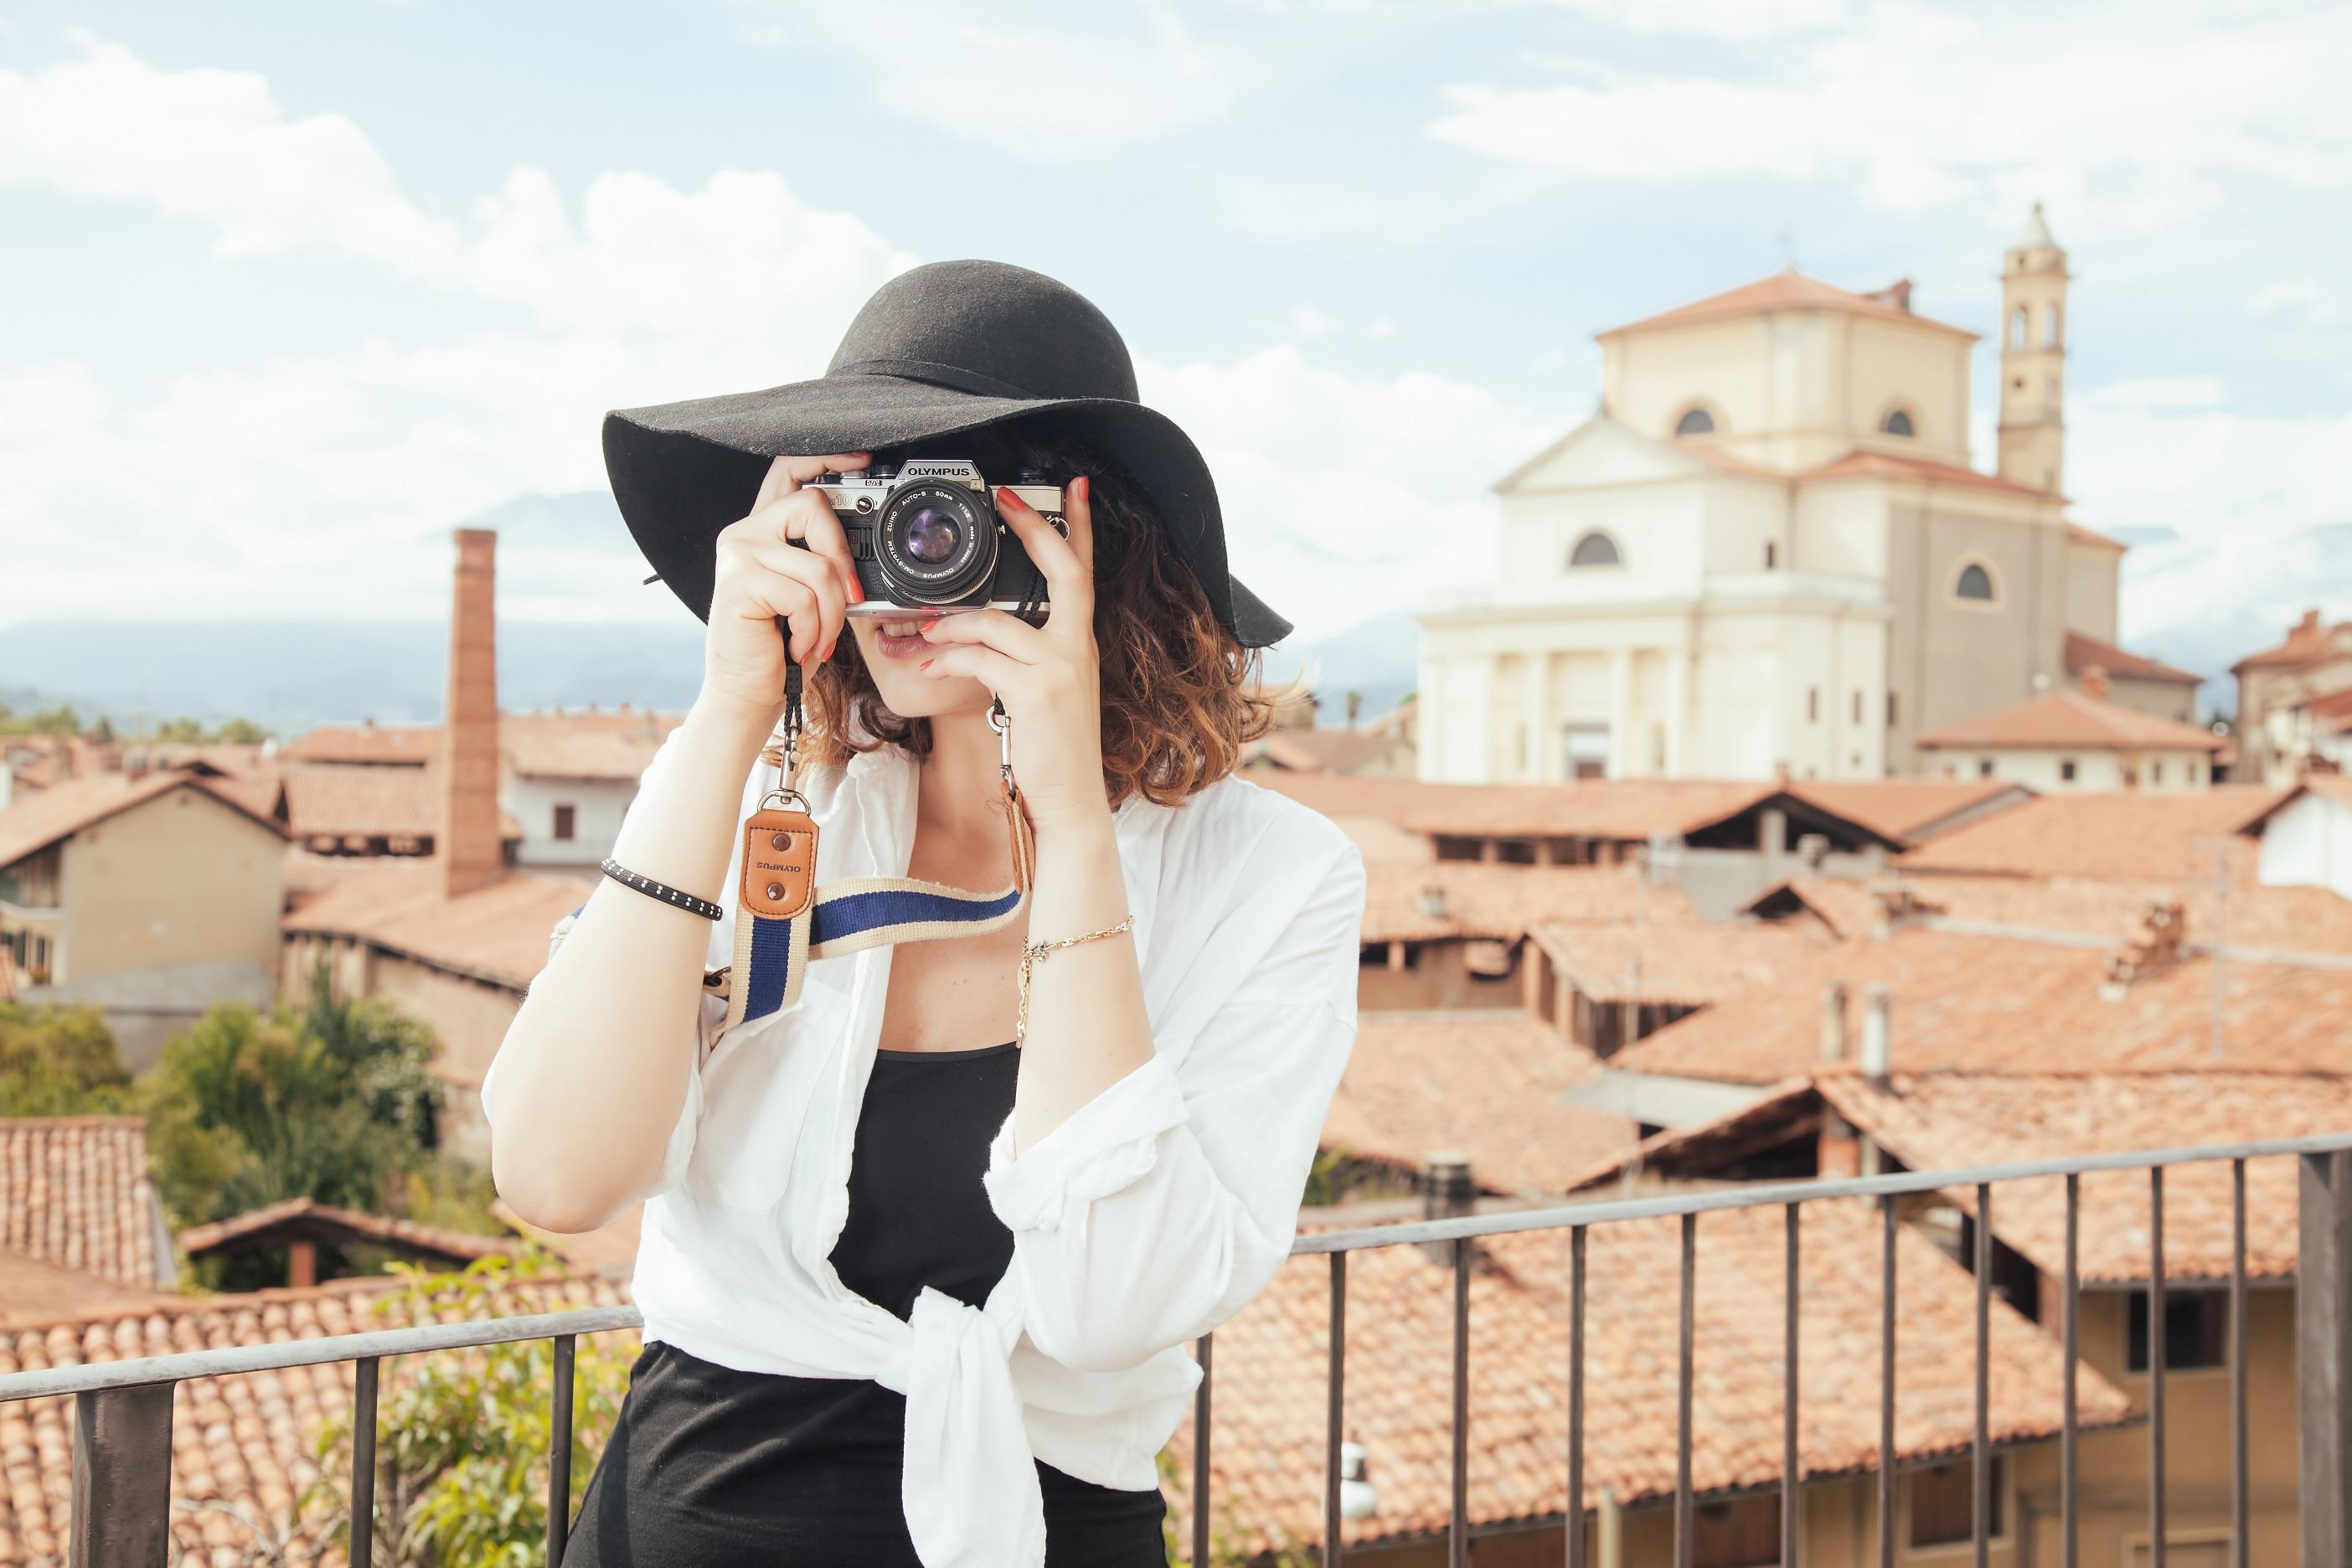 El gasto de los turistas extranjeros bate un nuevo récord - La Viña